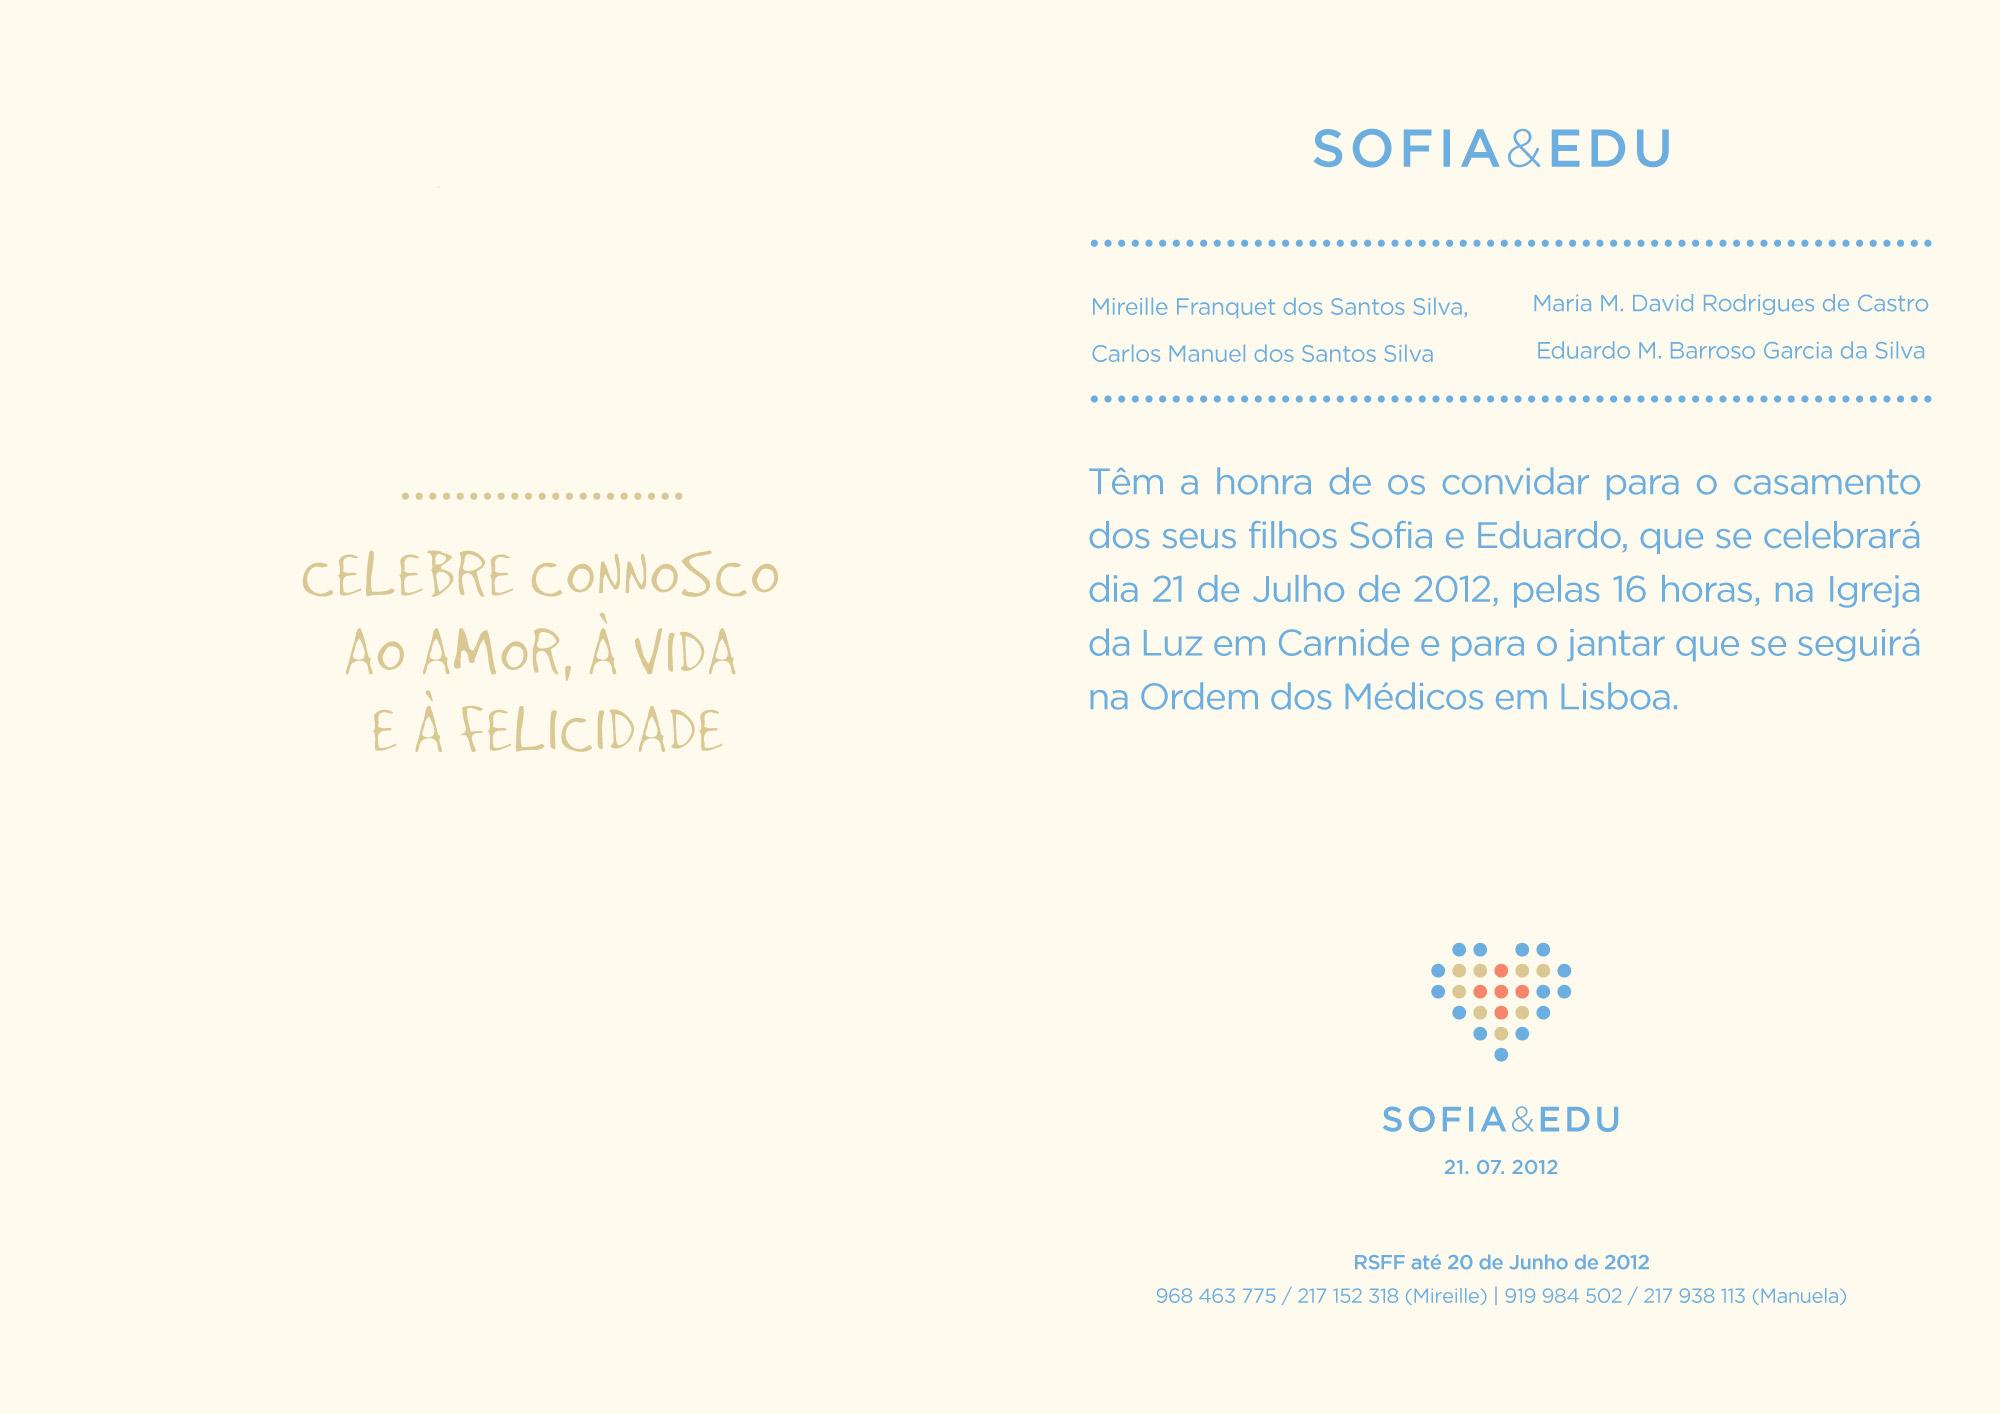 sofia-edu_03